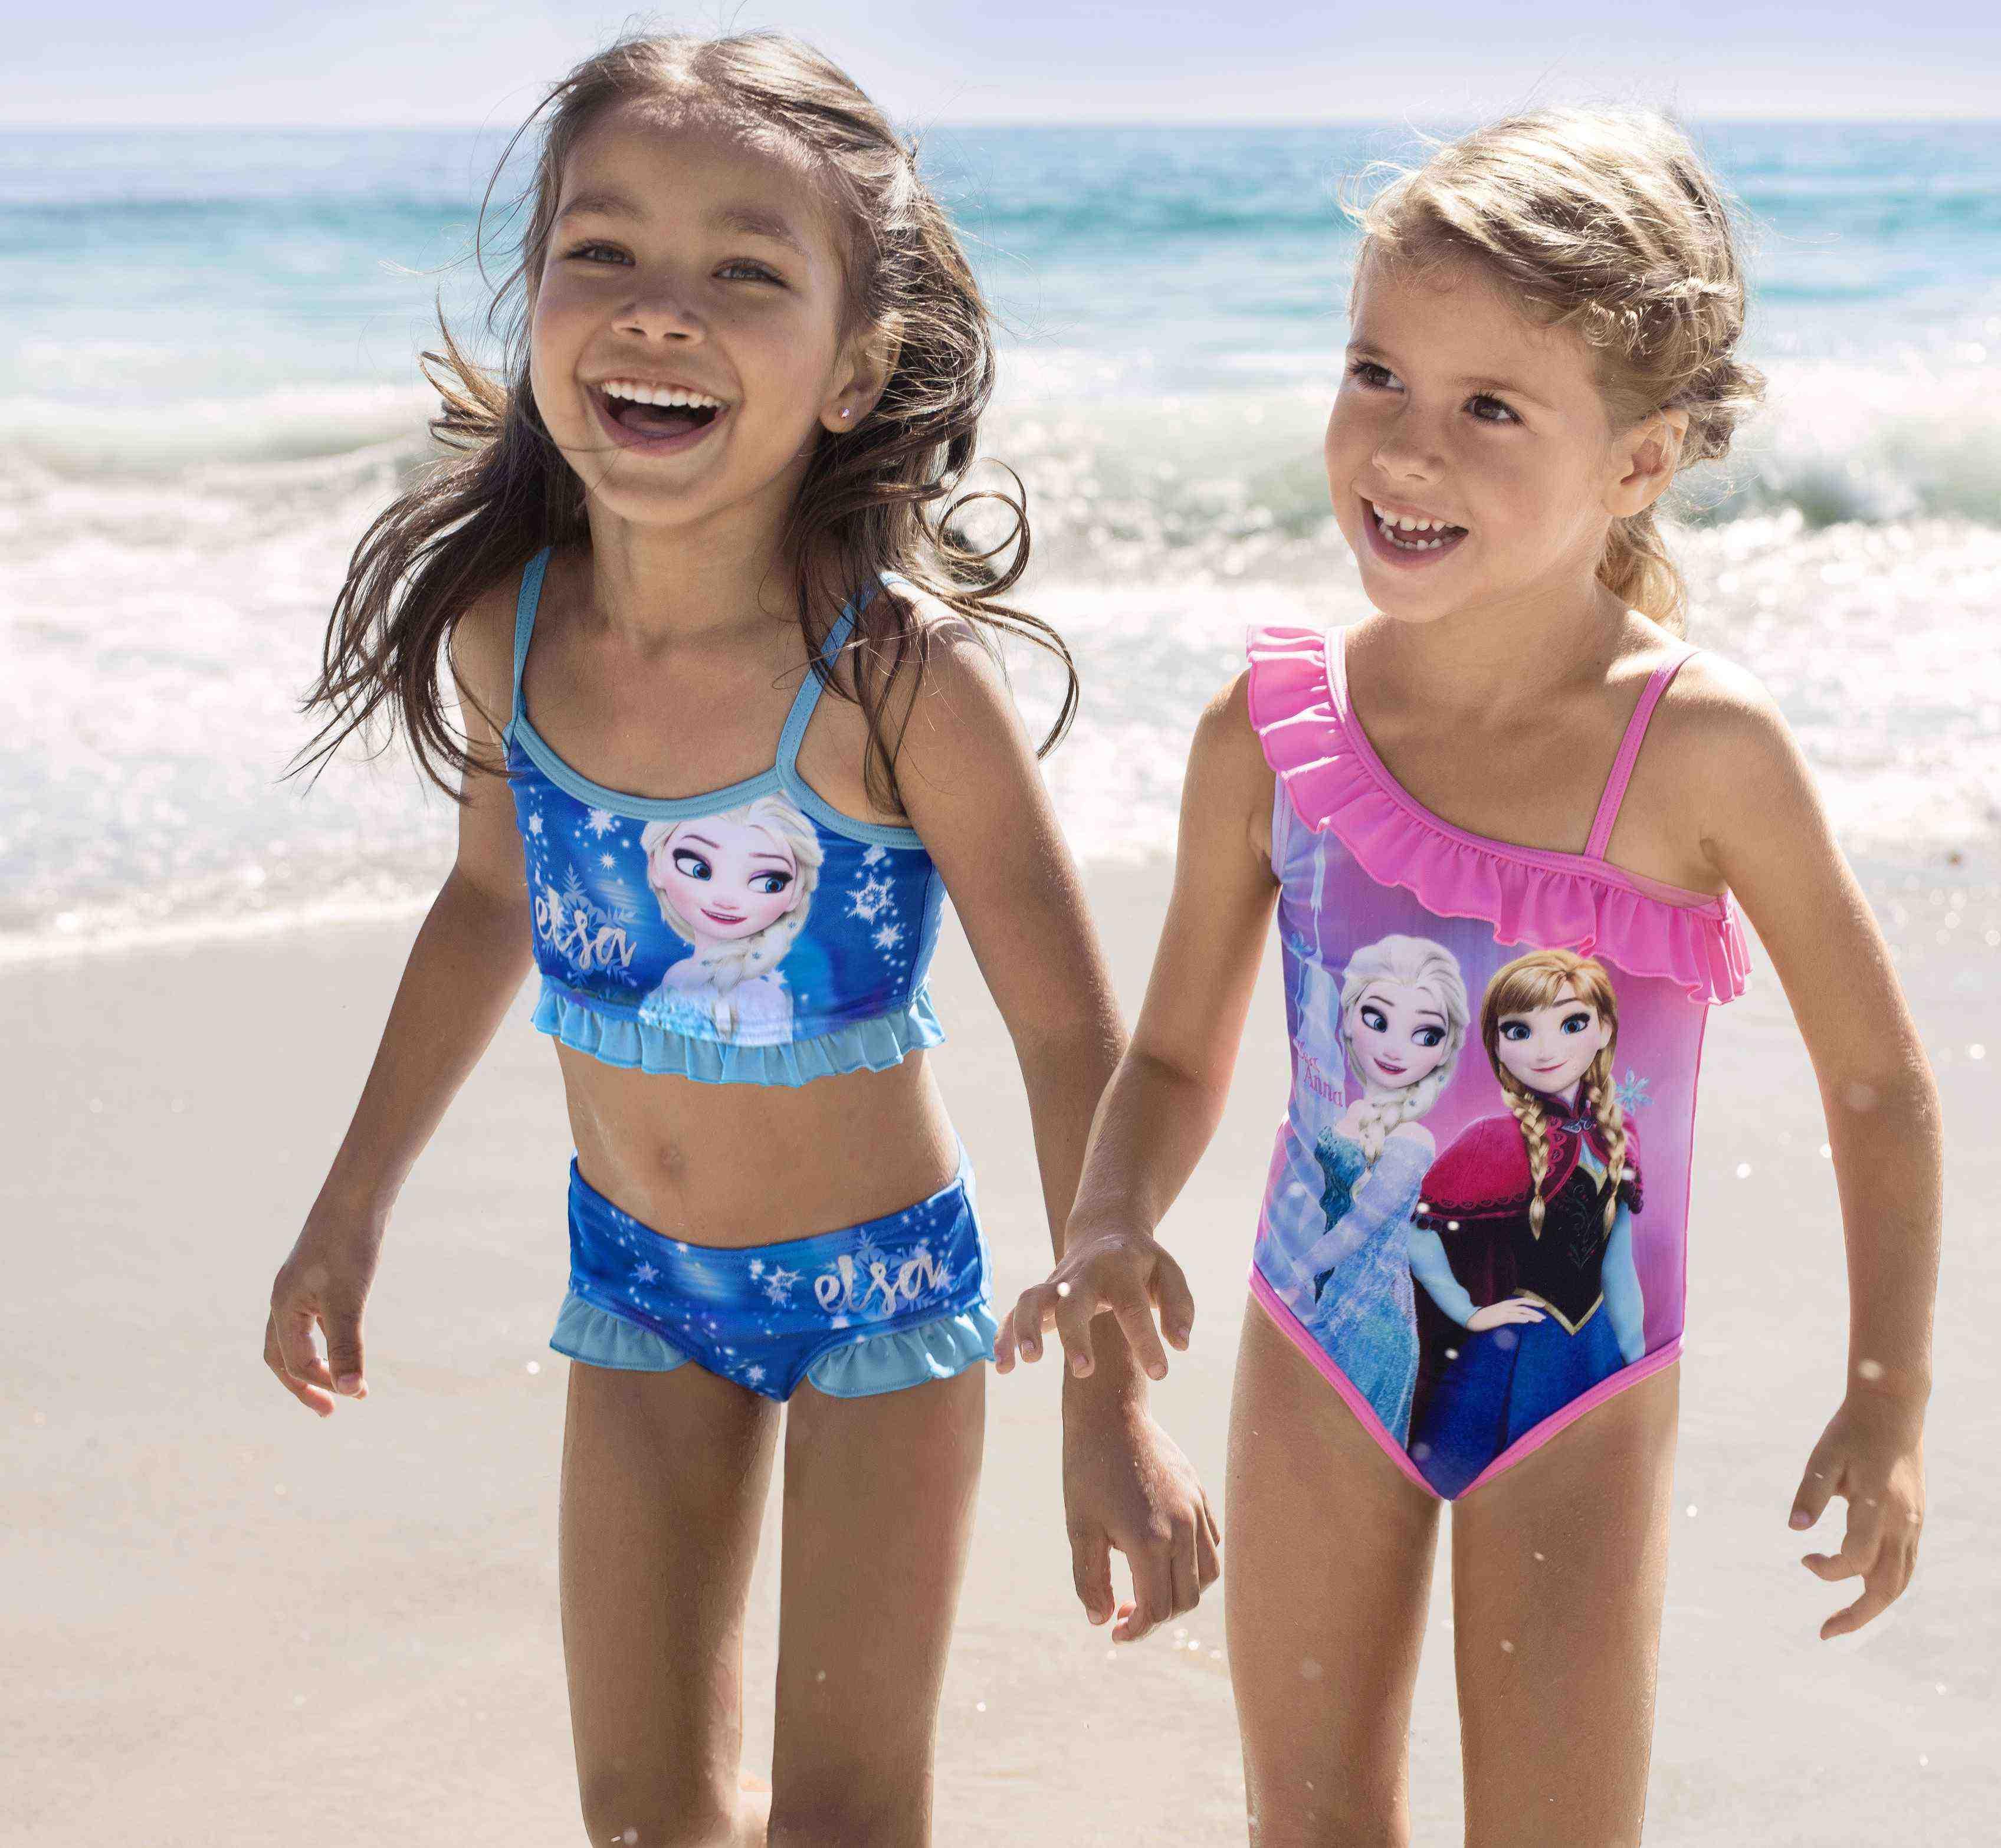 Maluch na wakacjach. Niezbędnik na plażę (i nie tylko) dla zabieganych rodziców